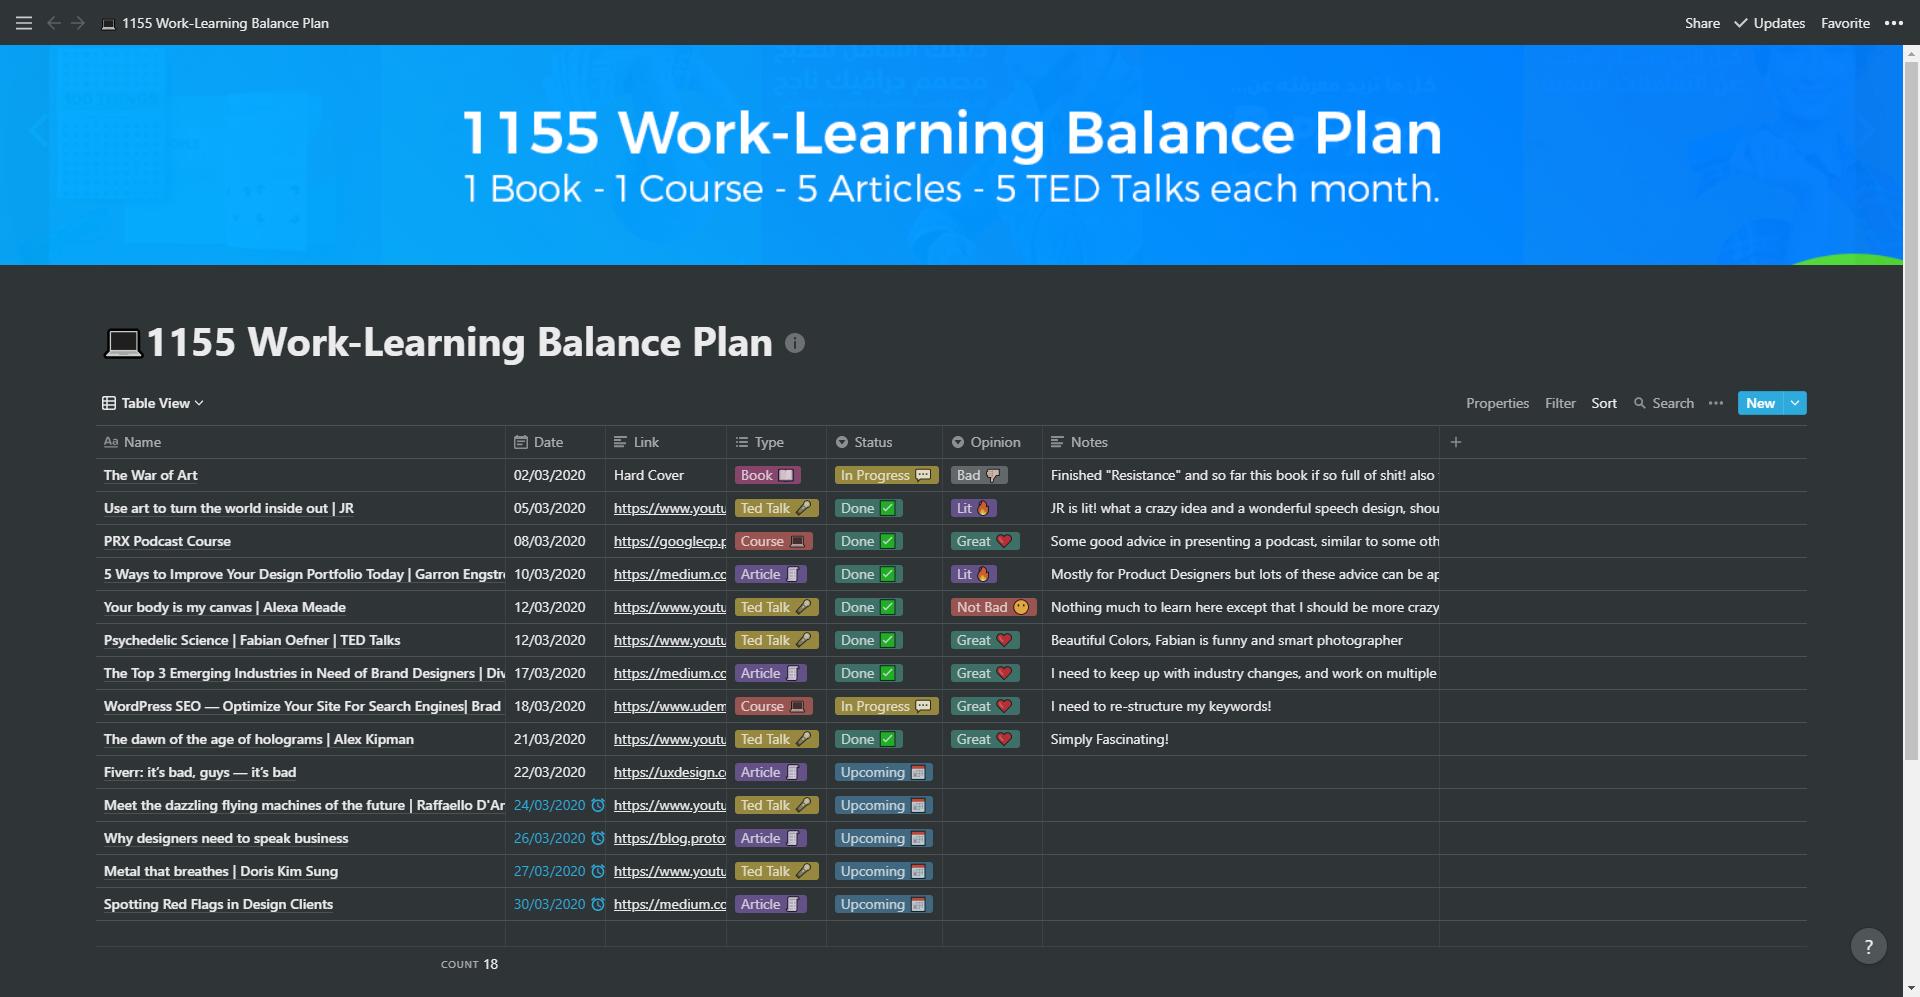 قائمتي لشهر فبراير 2020 - خطة التوازن بين العمل والتعلم 5511